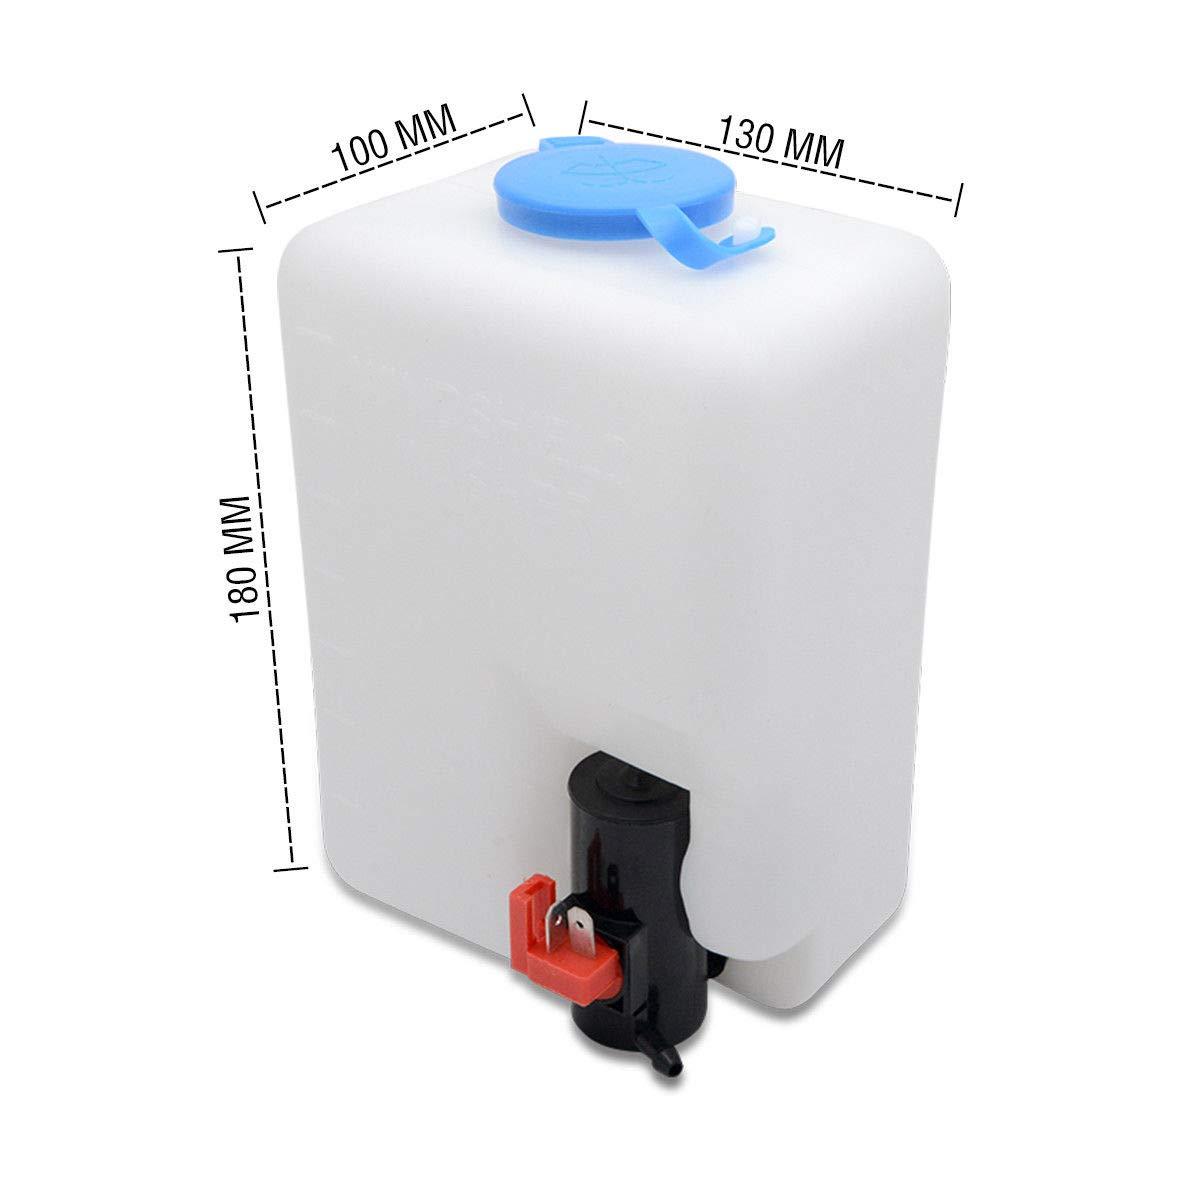 MASO Kit de Botella Universal para limpiaparabrisas con Manguera de Bomba y Interruptor de cableado para VW Classic Coche 12 V, Barco y Marino: Amazon.es: ...